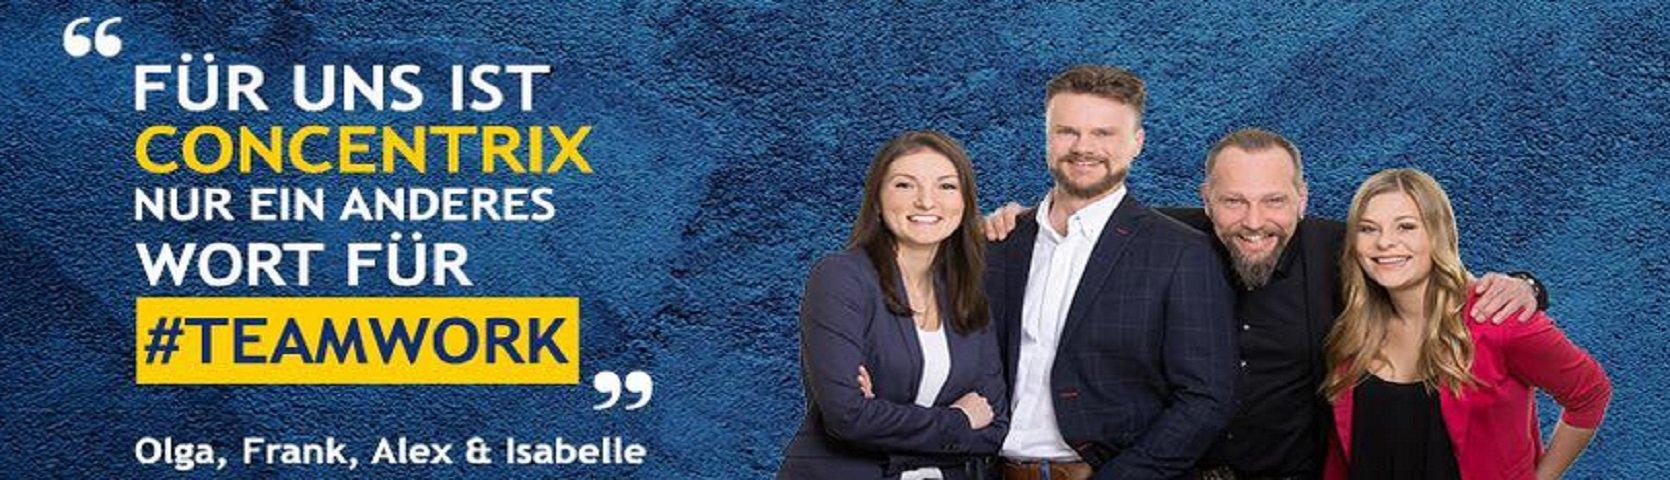 Concentrix Management Holding GmbH & Co. KG